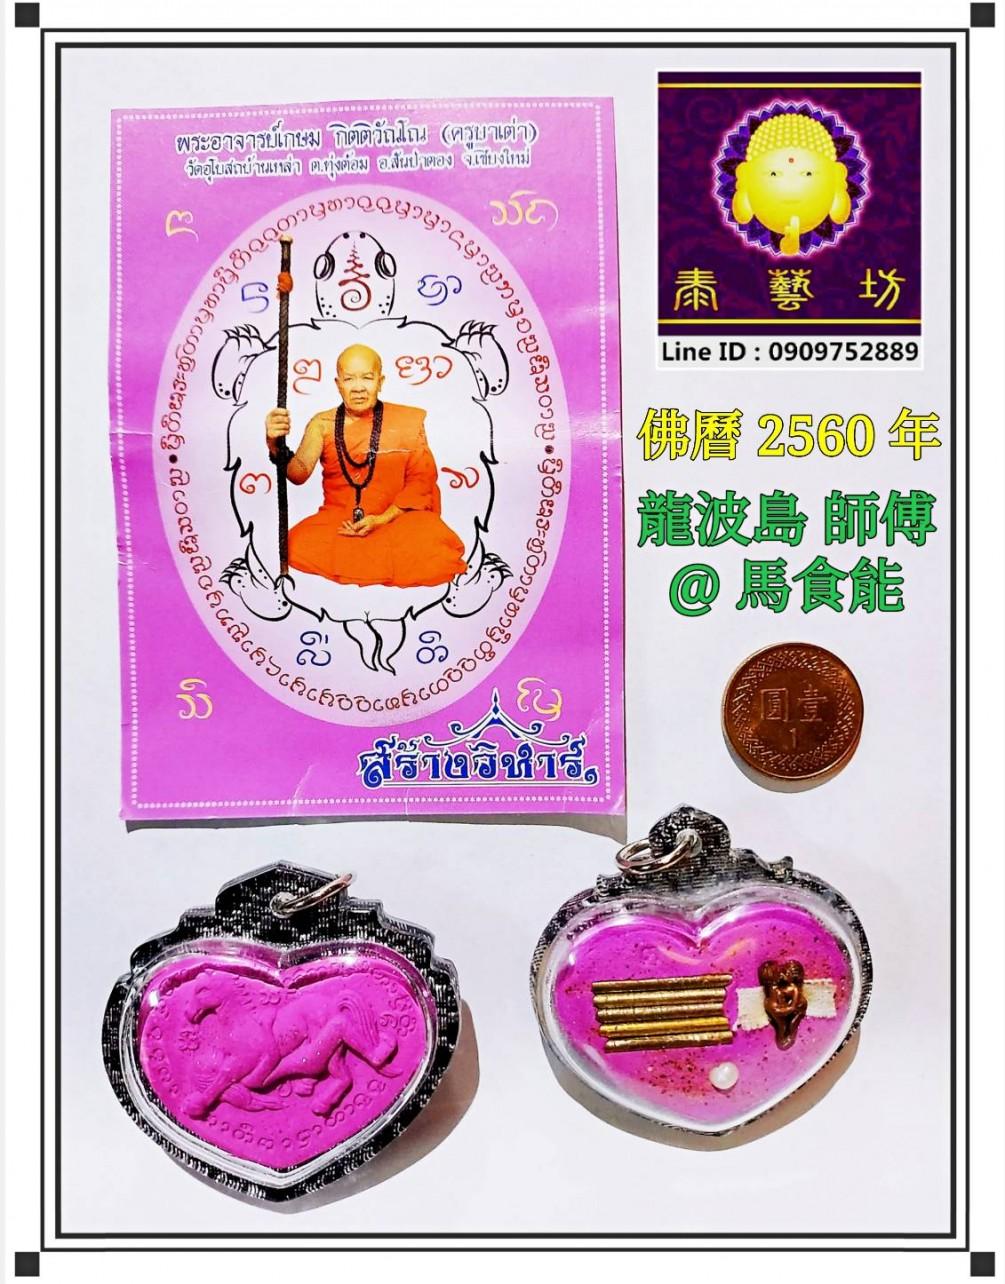 泰北製作人緣聖物最為著名的{ #龍波島 師傅 } 力量高強 / 顯著的{ 馬食能 } 讓我們的感情生活一帆風順 !